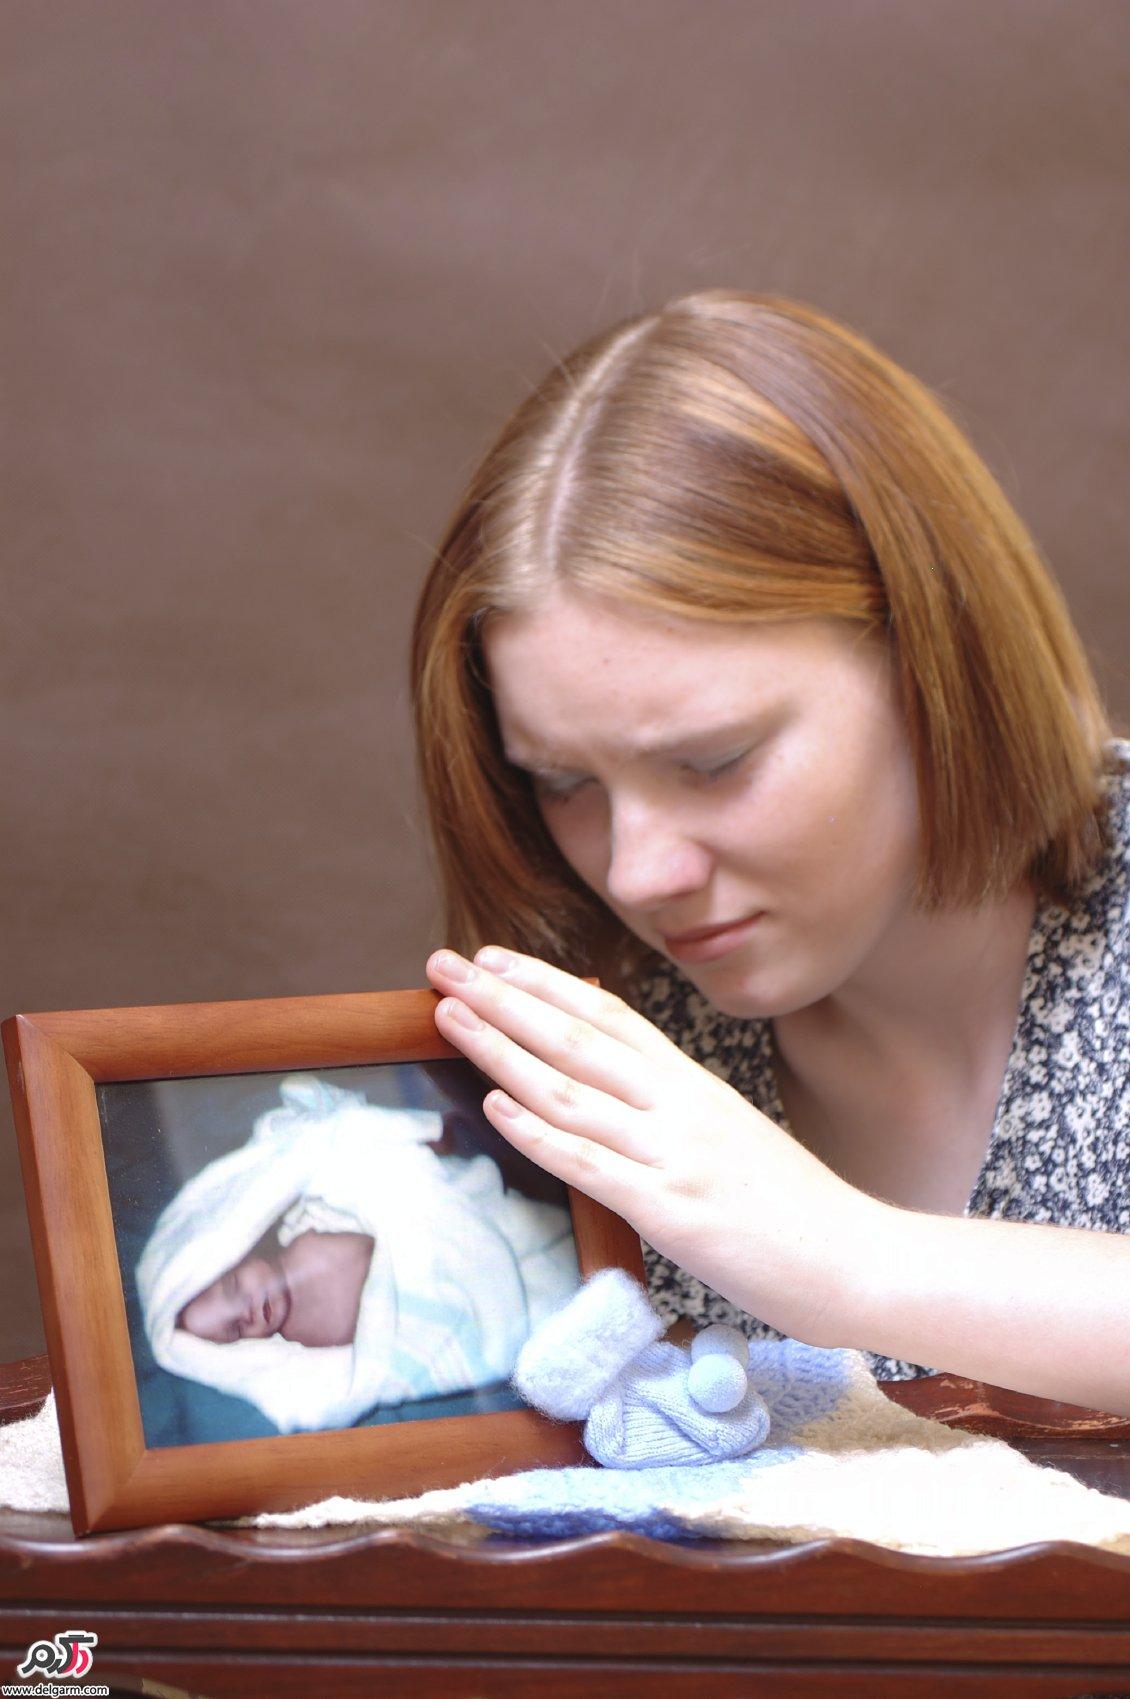 شایع ترین دلیل ناگهانی مرگ نوزادان زیر 1 سال